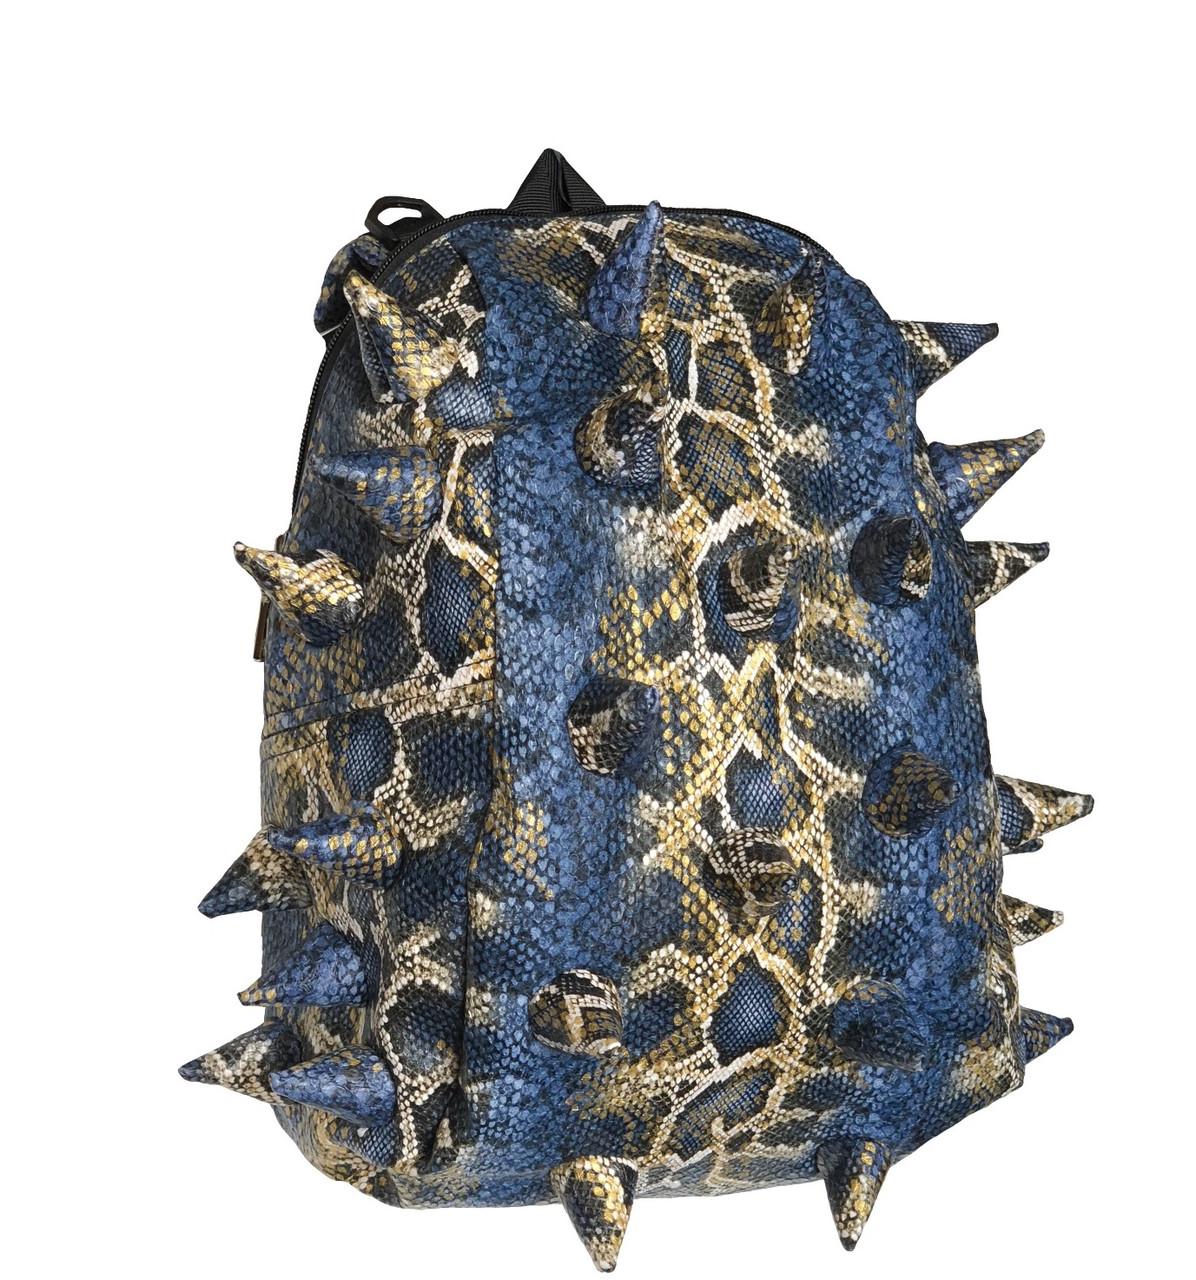 Рюкзак MadPax Pactor Half цвет BOA BLUE (синий питон)